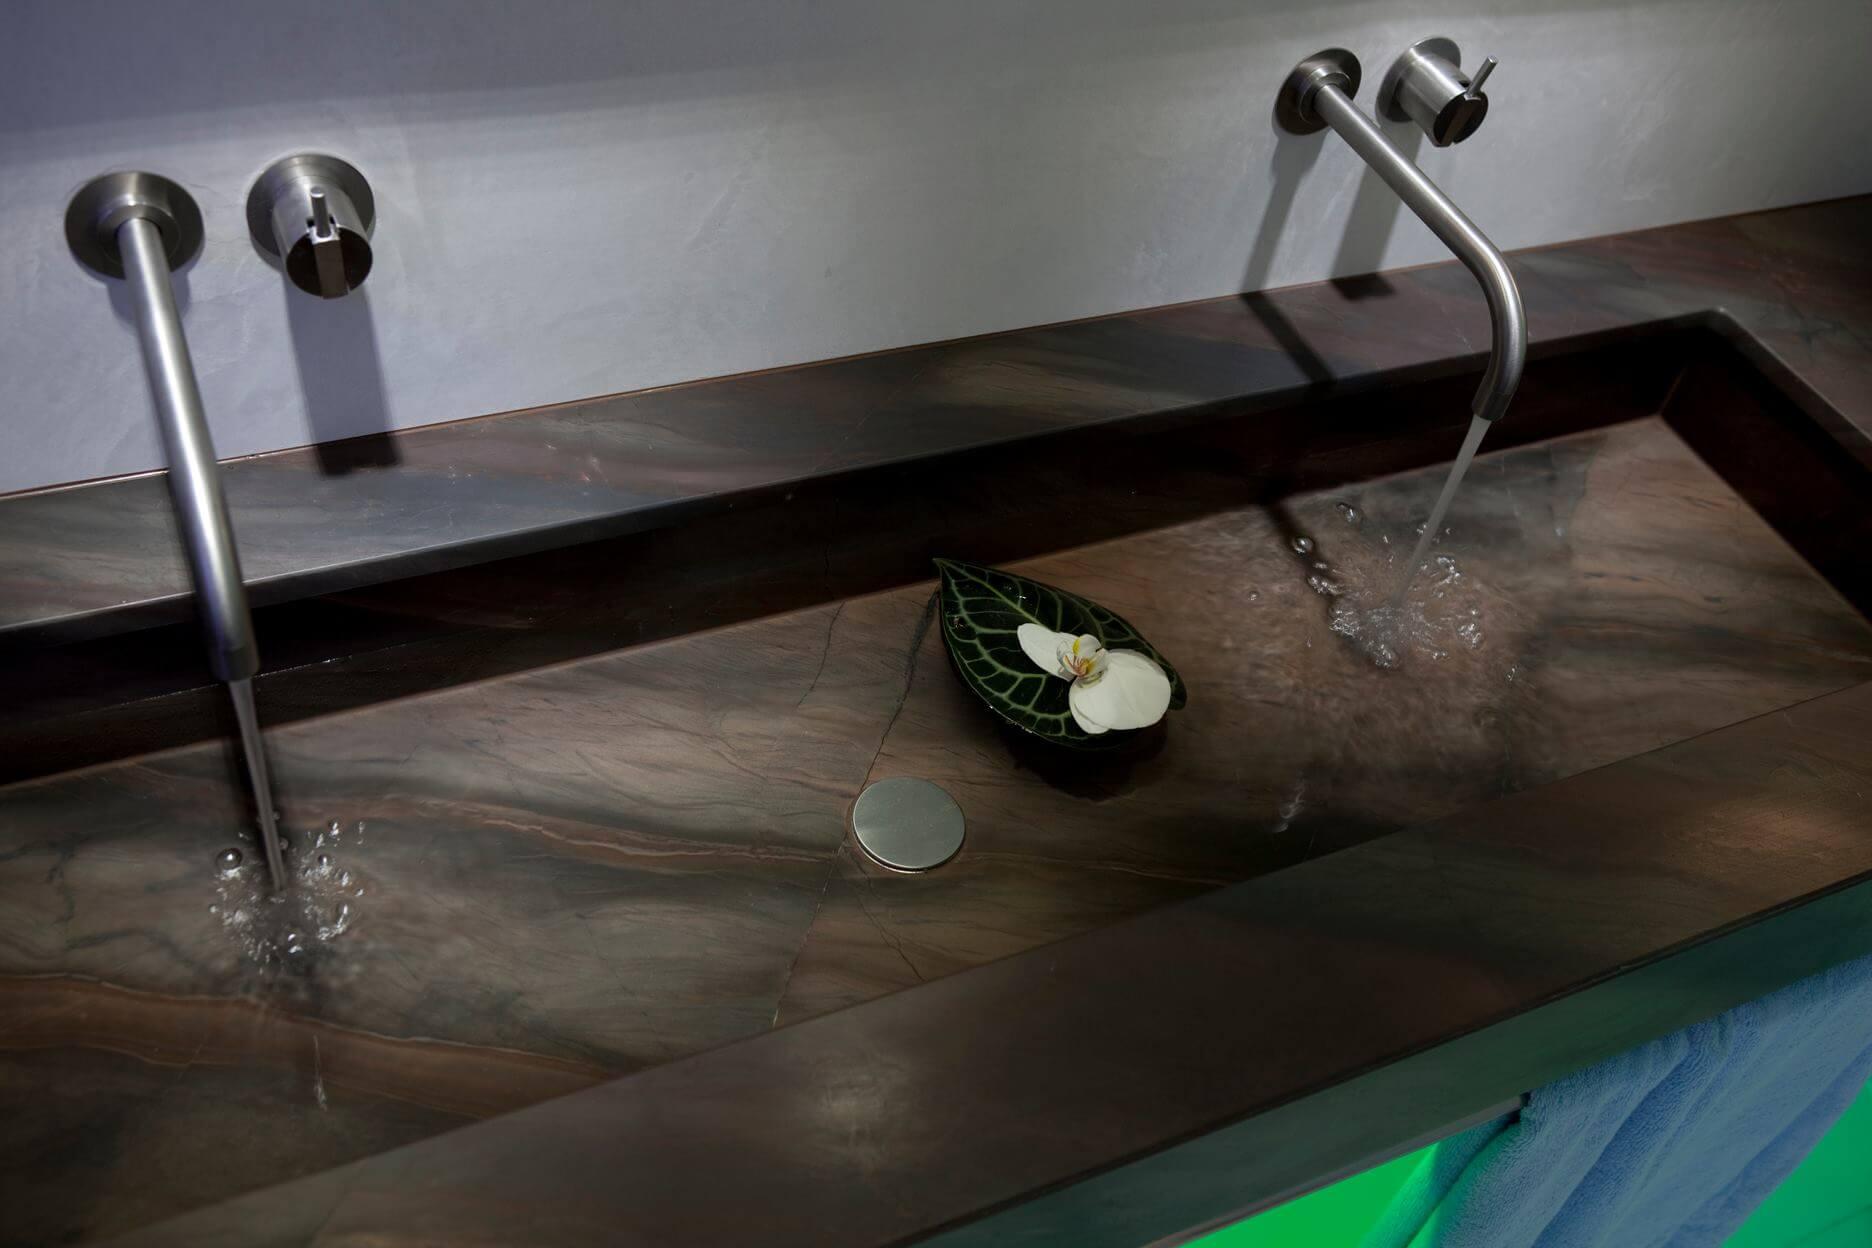 Das Badzubehör Design von Vola, das sich im Vola Handtuchhalter, der Vola Armatur, dem Vola Badheizkörper und der Vola Kopfbrause manifestiert, orientiert sich an der industriellen Badkultur, die insbesondere durch die indirekte Beleuchtung durch LED RGB hinter der Wand- und Deckenbespannung optimal zur Geltung kommt. Der Naturstein Waschtisch ist mit zwei schlichten Wasserhähnen von Vola Edelstahl gebürstet ausgestattet. Die Vola Armatur am Waschbecken harmoniert mit dem dazu passenden Vola Handtuchhalter. Für ein angenehmes Raumklima im Designer Bad sorgt der unauffällige Vola Badheizkörper, der beim Badezimmer planen selbstverständlich mitberücksichtigt wurde. Das Licht im Bad spielt auch hier eine entscheidende Rolle bei der Badezimmer Design Badgestaltung für exklusive Designbäder. Der Badezimmerplaner teilte bei der Umsetzung im Designerbad das Licht im Bad auf: LED Flächenlicht ist hier genauso zu finden wie Lichtvoute und eine hinterleuchtete Wand. Hinter der Wand- und Deckenbespannung verbirgt sich indirekte Beleuchtung, die mittels Lichtvoute für sanftes Licht sorgt. Einzelne LED RGB Spots setzen Highlights im Designerbad und ergänzen die indirekte Beleuchtung mittels Lichtvoute hinter der Wand- und Deckenbespannung um punktuelle Badezimmer Trends. Investitionszuschuss für altersgerechte bzw. barrierefreie Badumbauten - Das KfW-Programm 455 ist neu aufgelegt. Informationen zu den Fördermöglichkeiten sind auf der KfW-Internetseite oder über das KfW-Infocenter unter der kostenfreien Telefonnummer 0800 / 539 9002 erhältlich. Damit steht dem Badezimmer Design für die Sinne ab sofort nichts mehr im Wege. Und soviel sei versprochen alle Baddesign aus unserem Hause sehen nicht danach aus. Best Ager Bad Design